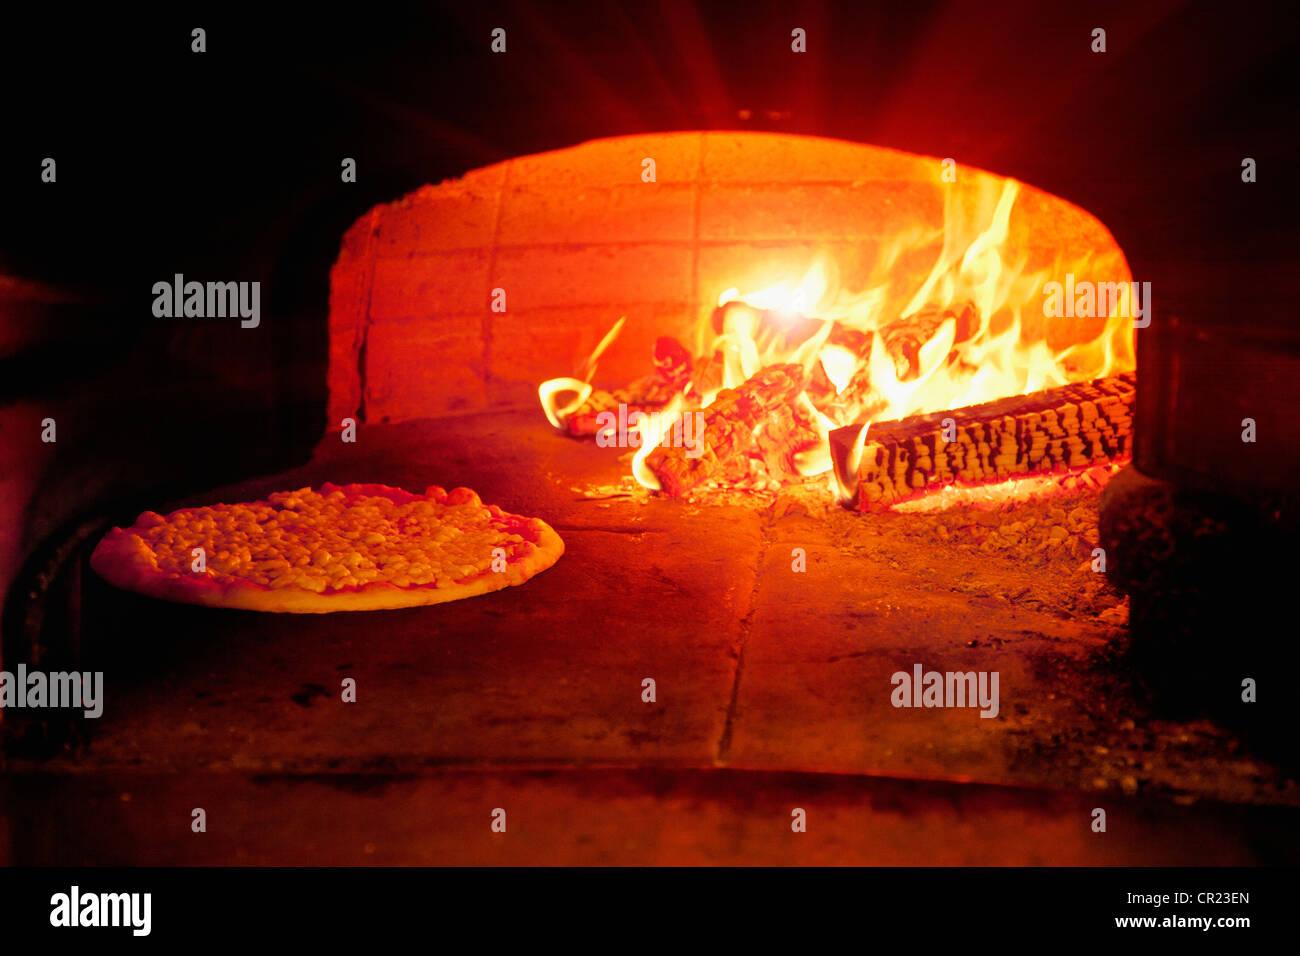 Pizza Pâtisseries au four à bois Photo Stock